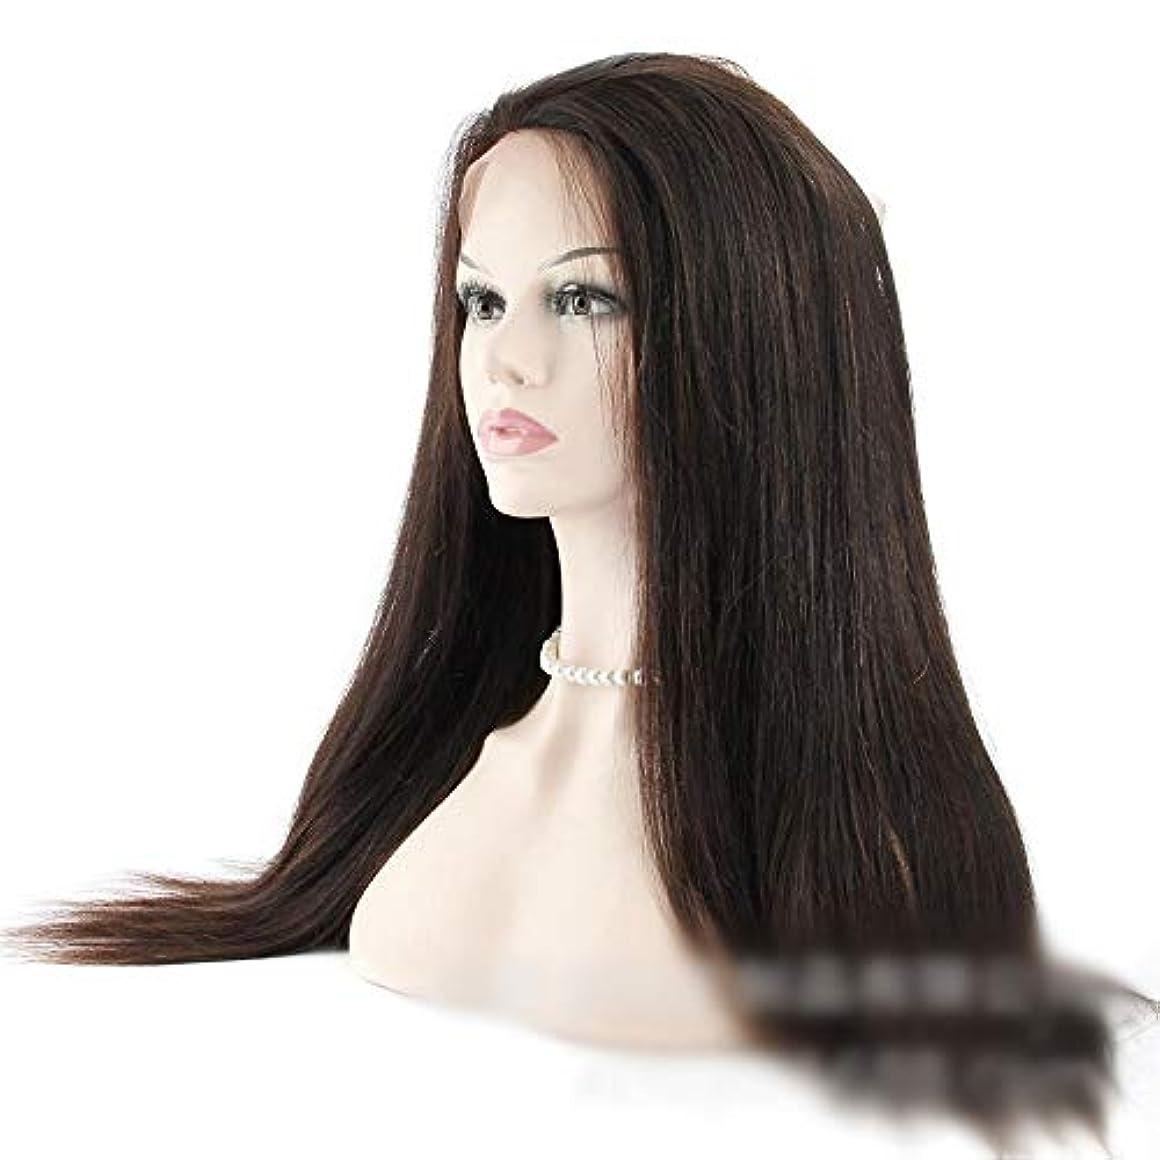 ファンネルウェブスパイダー宣言するハントJULYTER 360レース前頭閉鎖ブラジル人間の髪の毛の広場ナチュラルブラックカラー(14インチ-20インチ) (色 : 黒, サイズ : 10 inch)